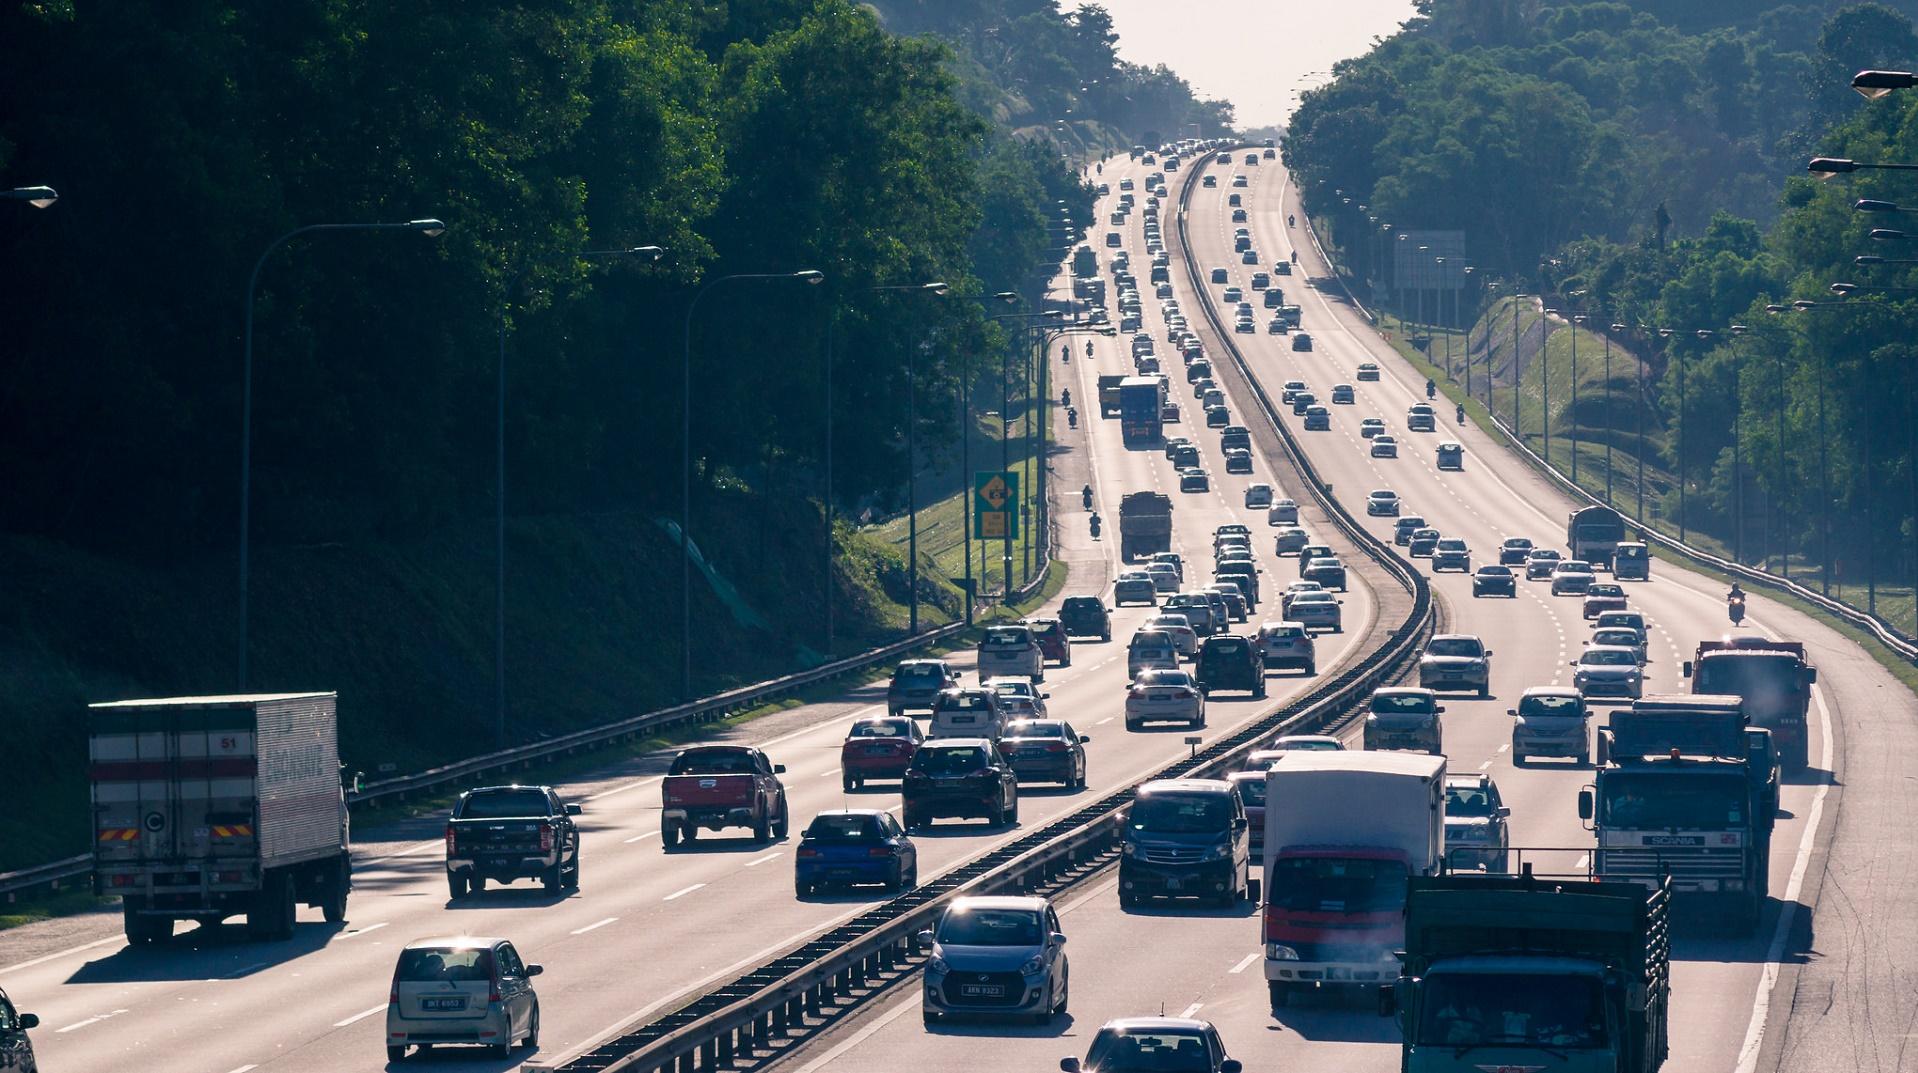 El futuro del empleo: de camionero a gestor de flotas de camiones autónomos